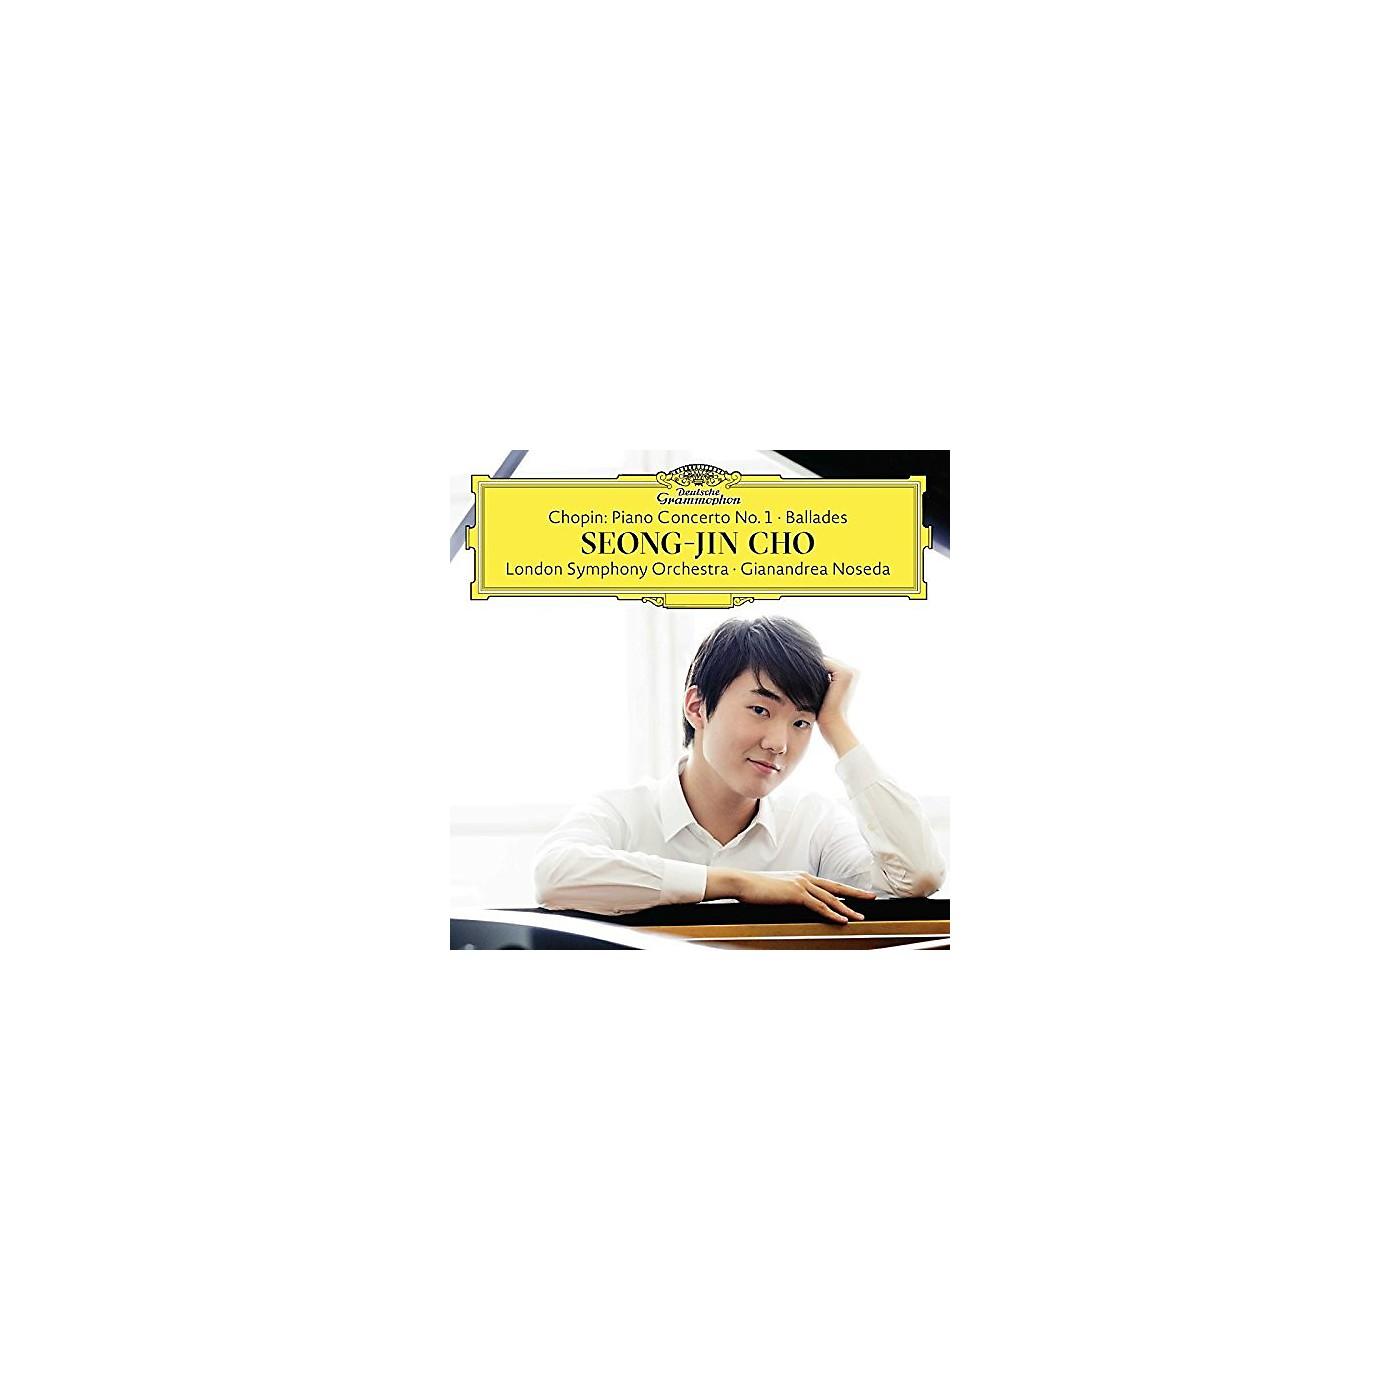 Alliance Chopin: Piano Concerto No. 1 - Ballades thumbnail